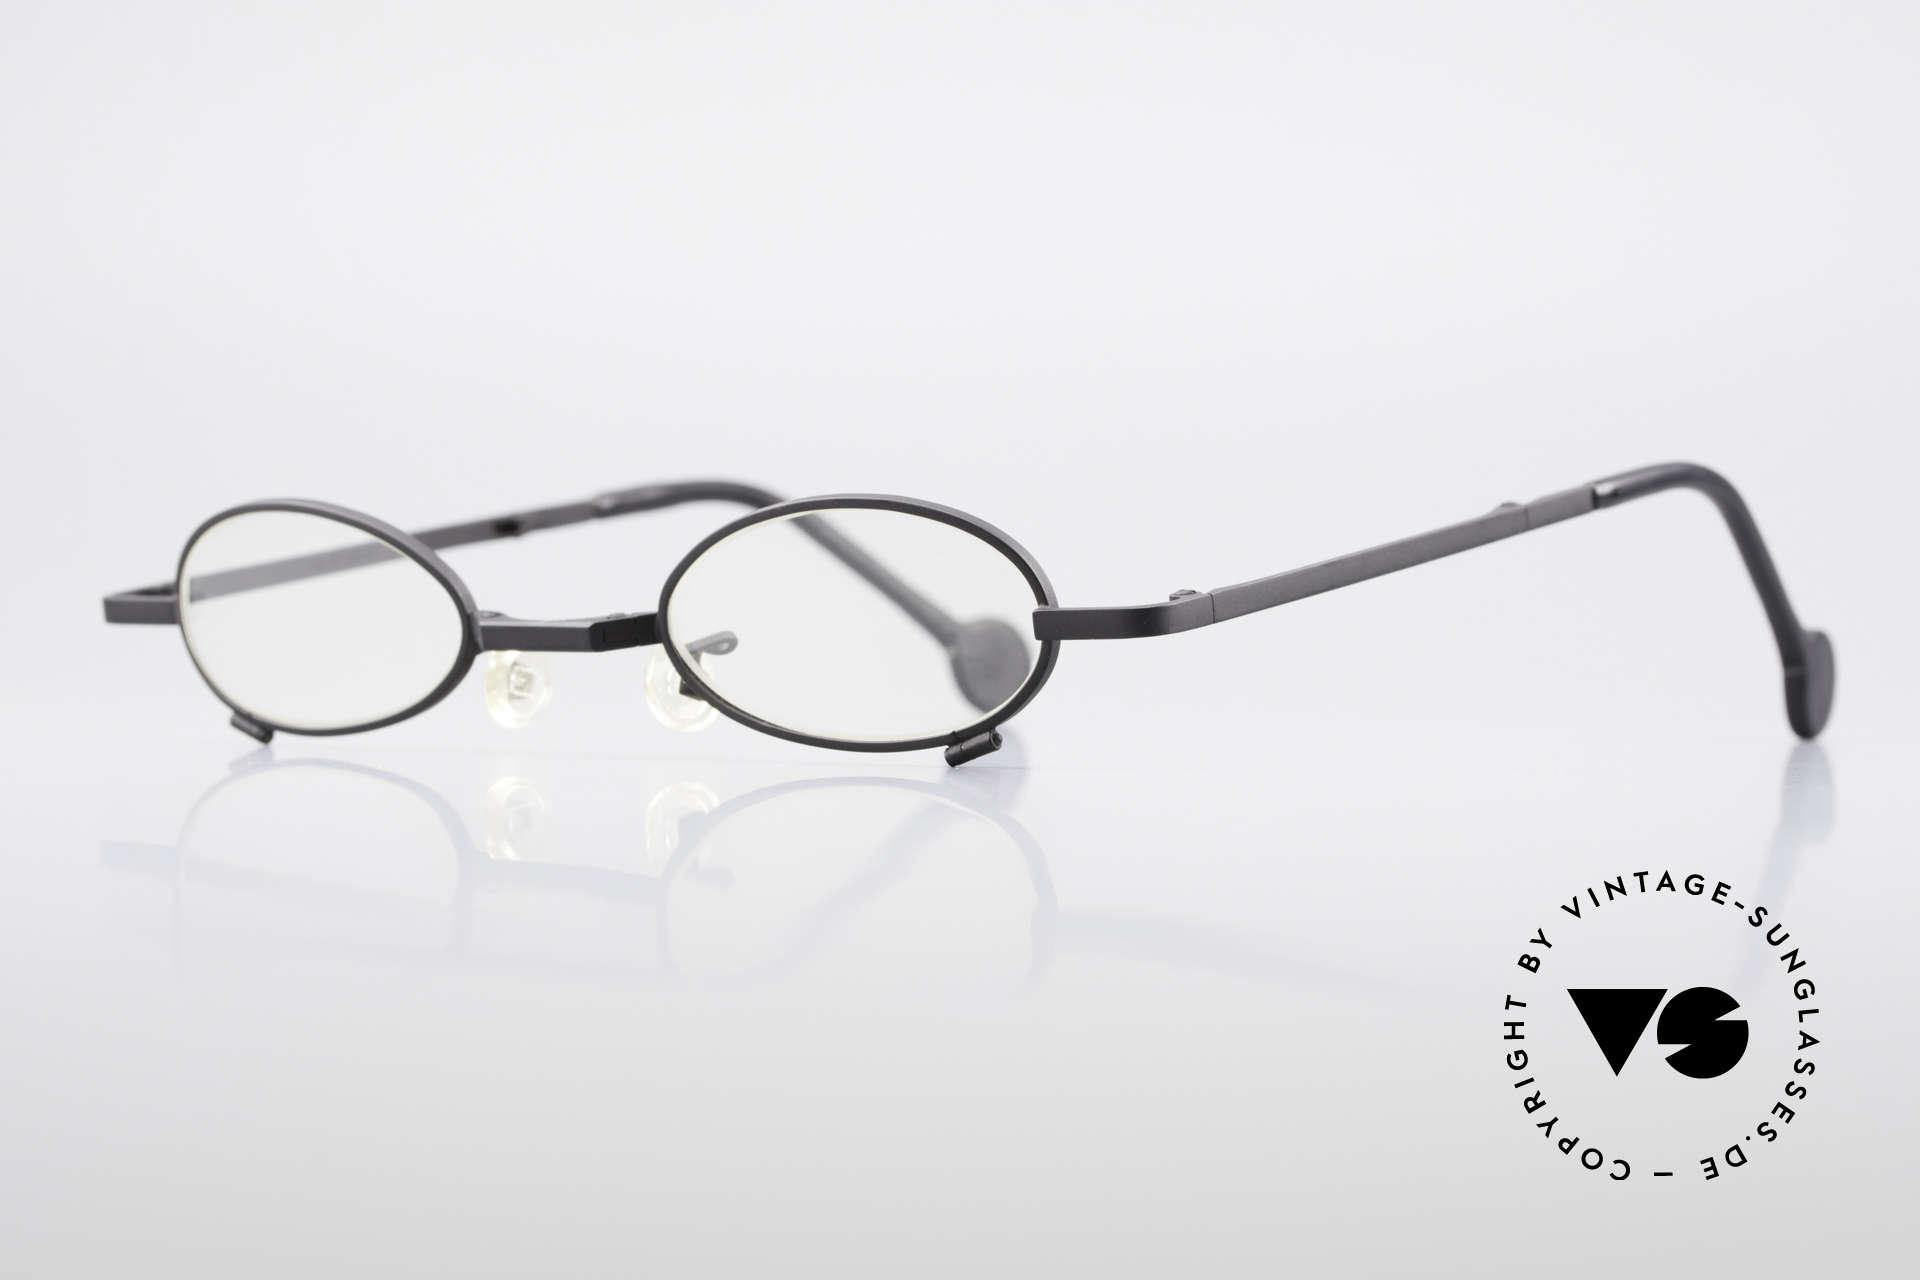 L.A. Eyeworks TIO 412 Brille zum Falten Faltbrille, viel Liebe zum Detail (jeder Rahmen mit 'Geburtsjahr'), Passend für Herren und Damen